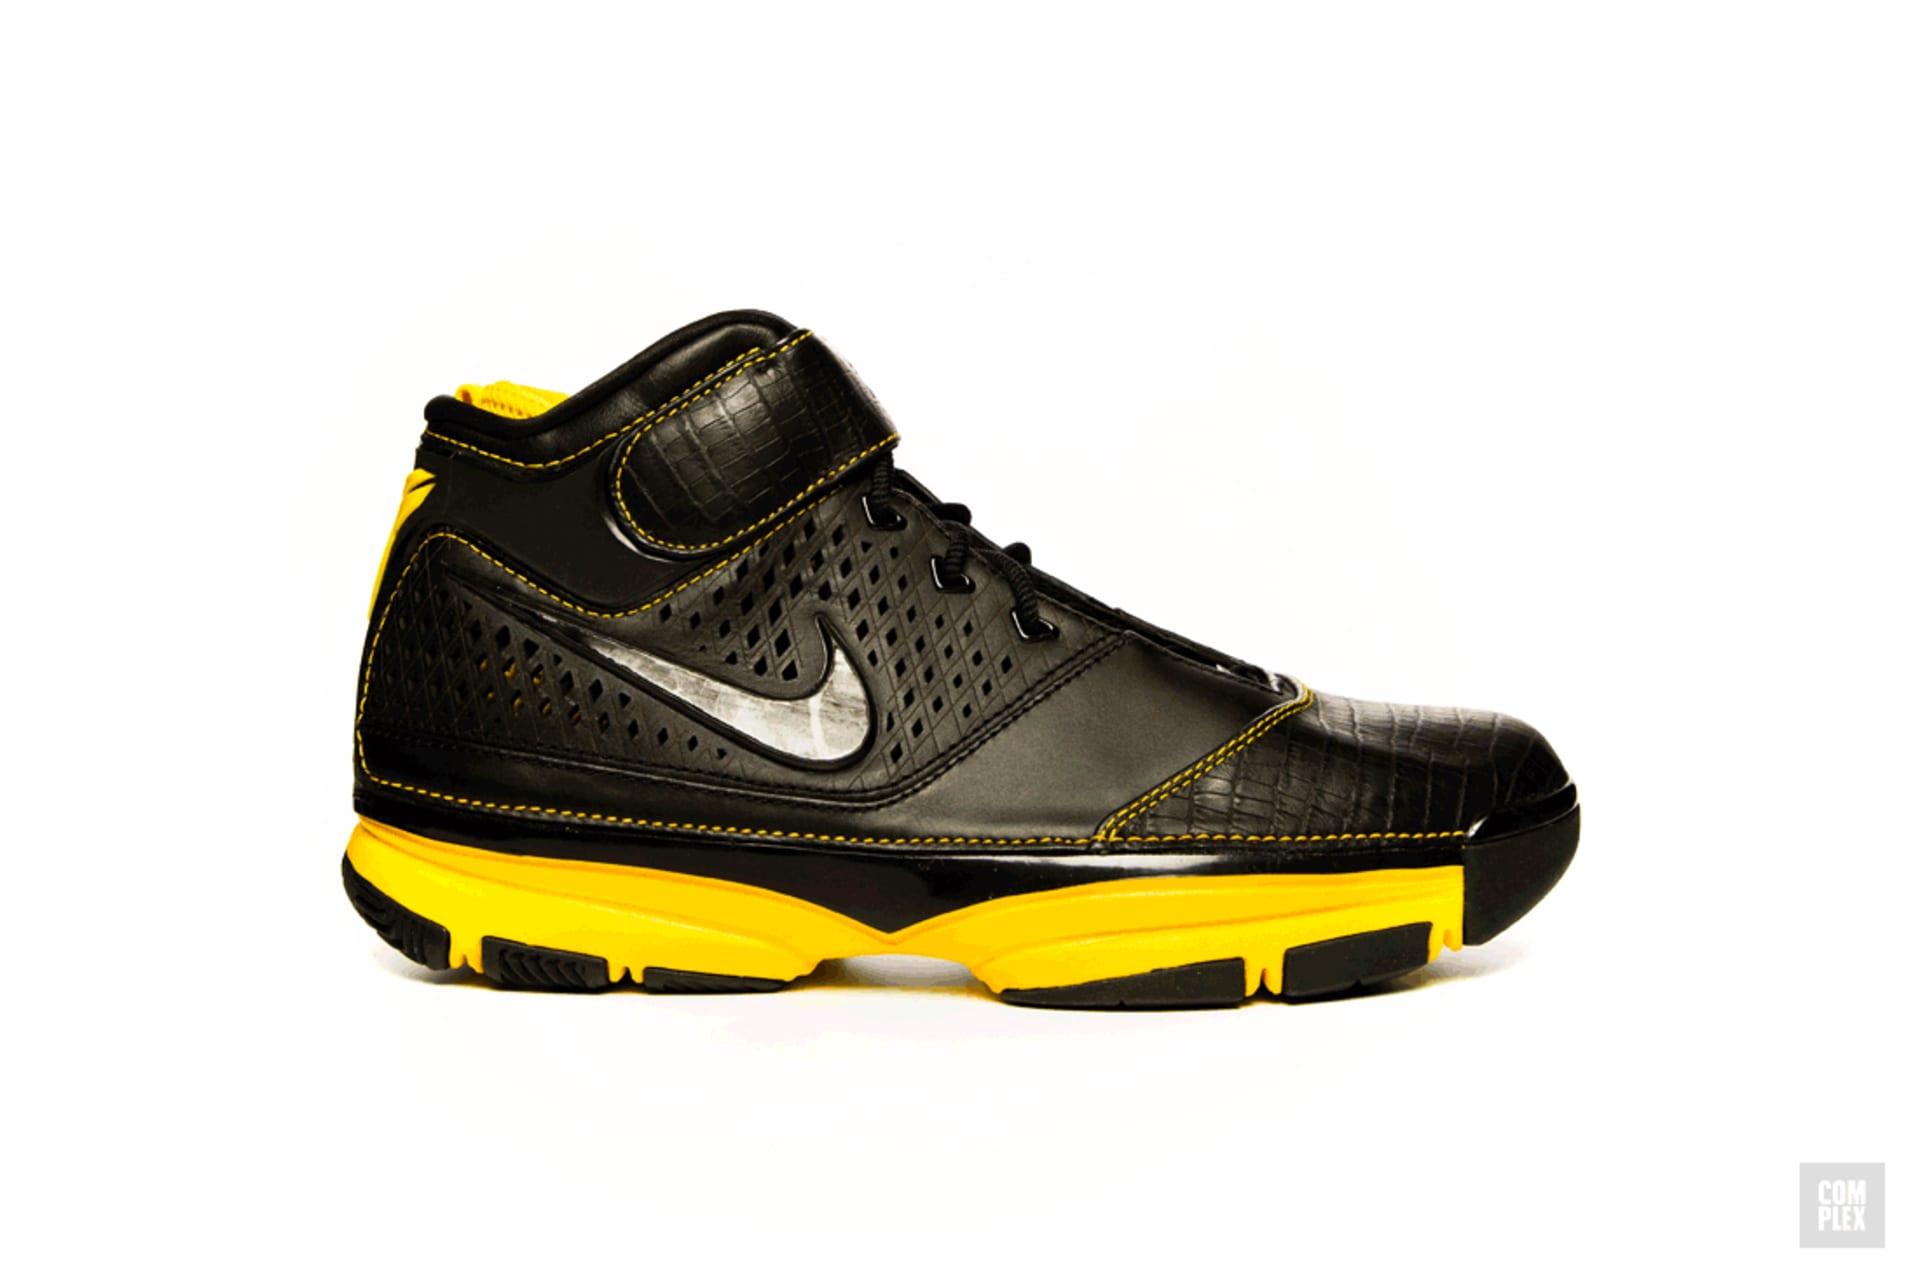 on sale 8667e 3d1c4 Kobe Bryant Signature Sneaker Design Evolution   Complex